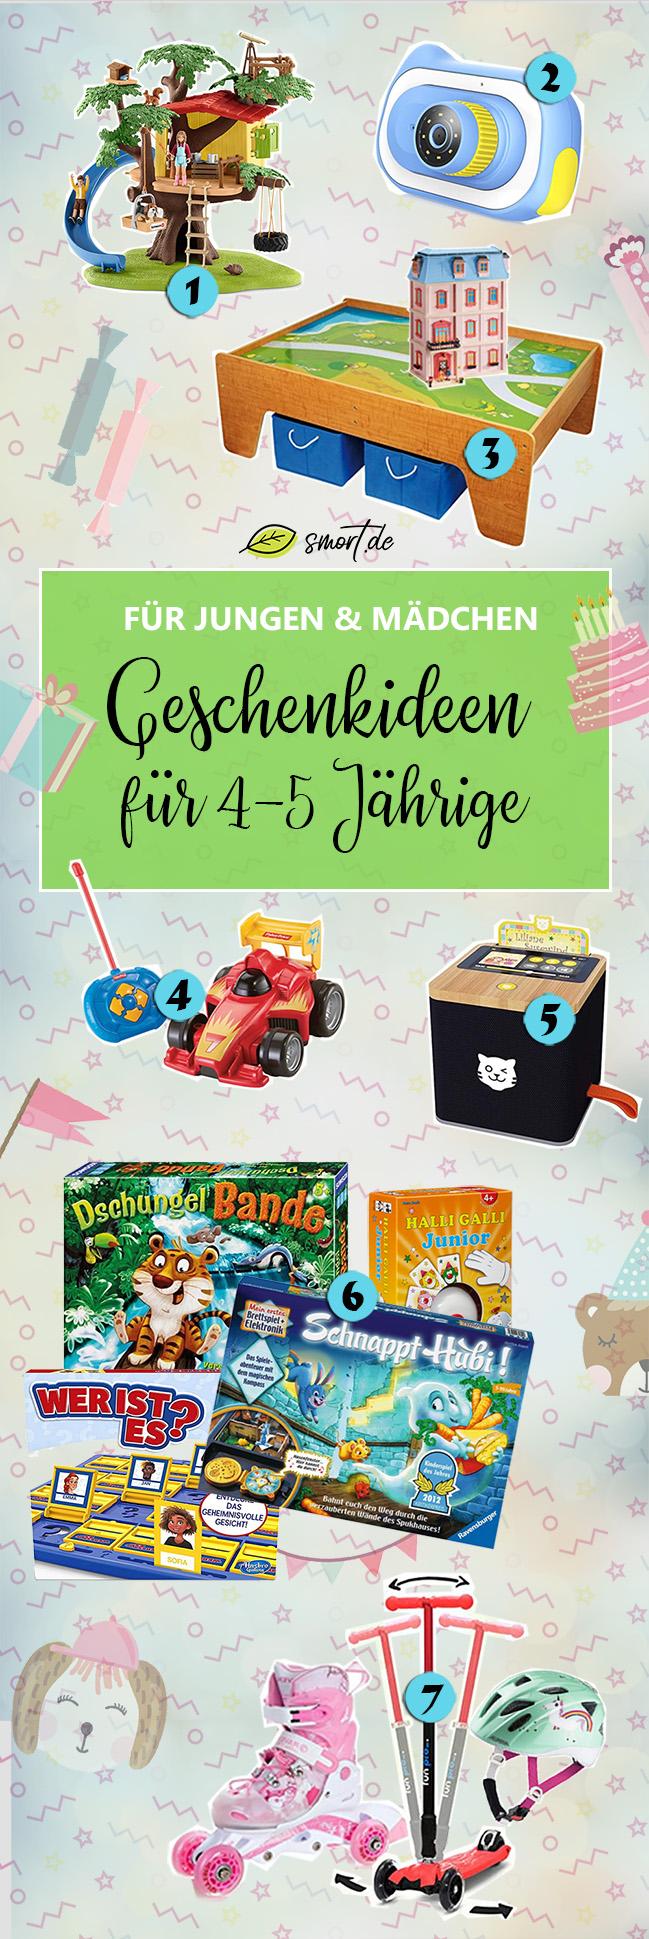 Geschenk für Kinder ab 4-5 Jahre - Junge & Mädchen #ideen #inspiration #geschenke #kind #spielzeug